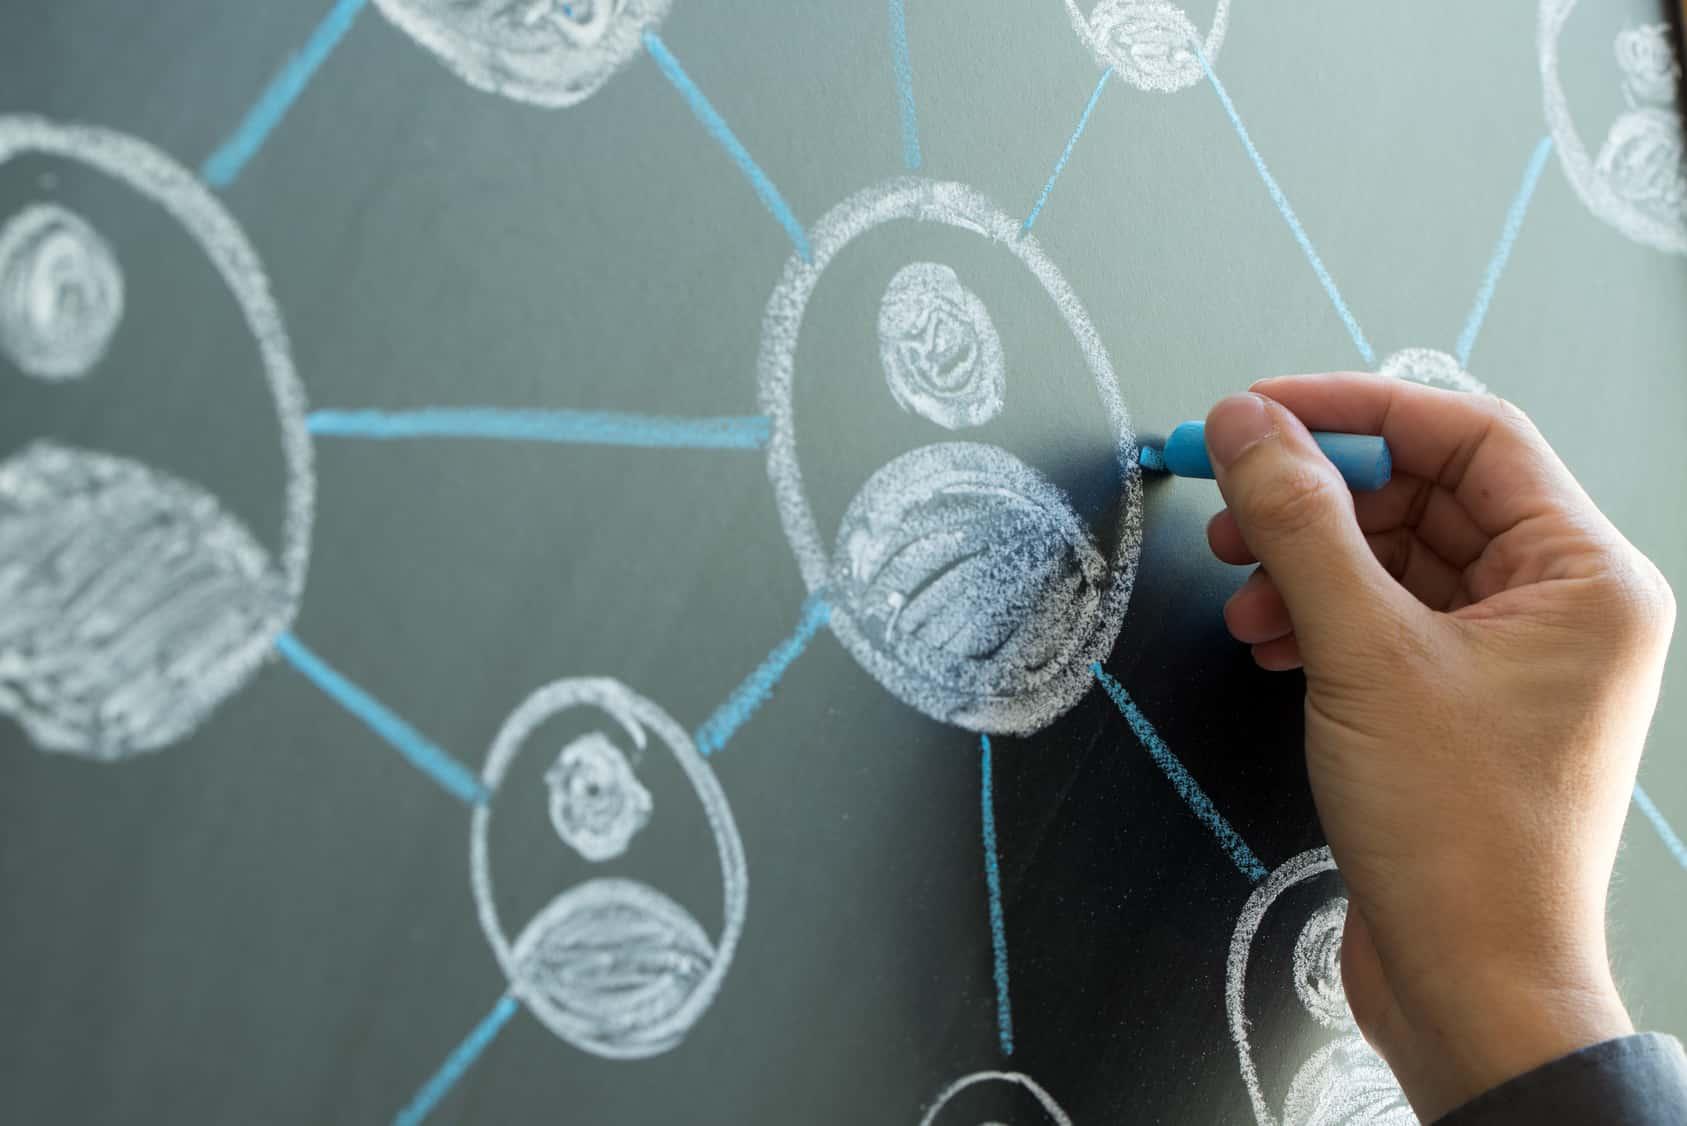 La FCC, órgano regulador de Estados Unidos en materia de telecomunicaciones, decidió eliminar el concepto regulatorio conocido como neutralidad de la red.